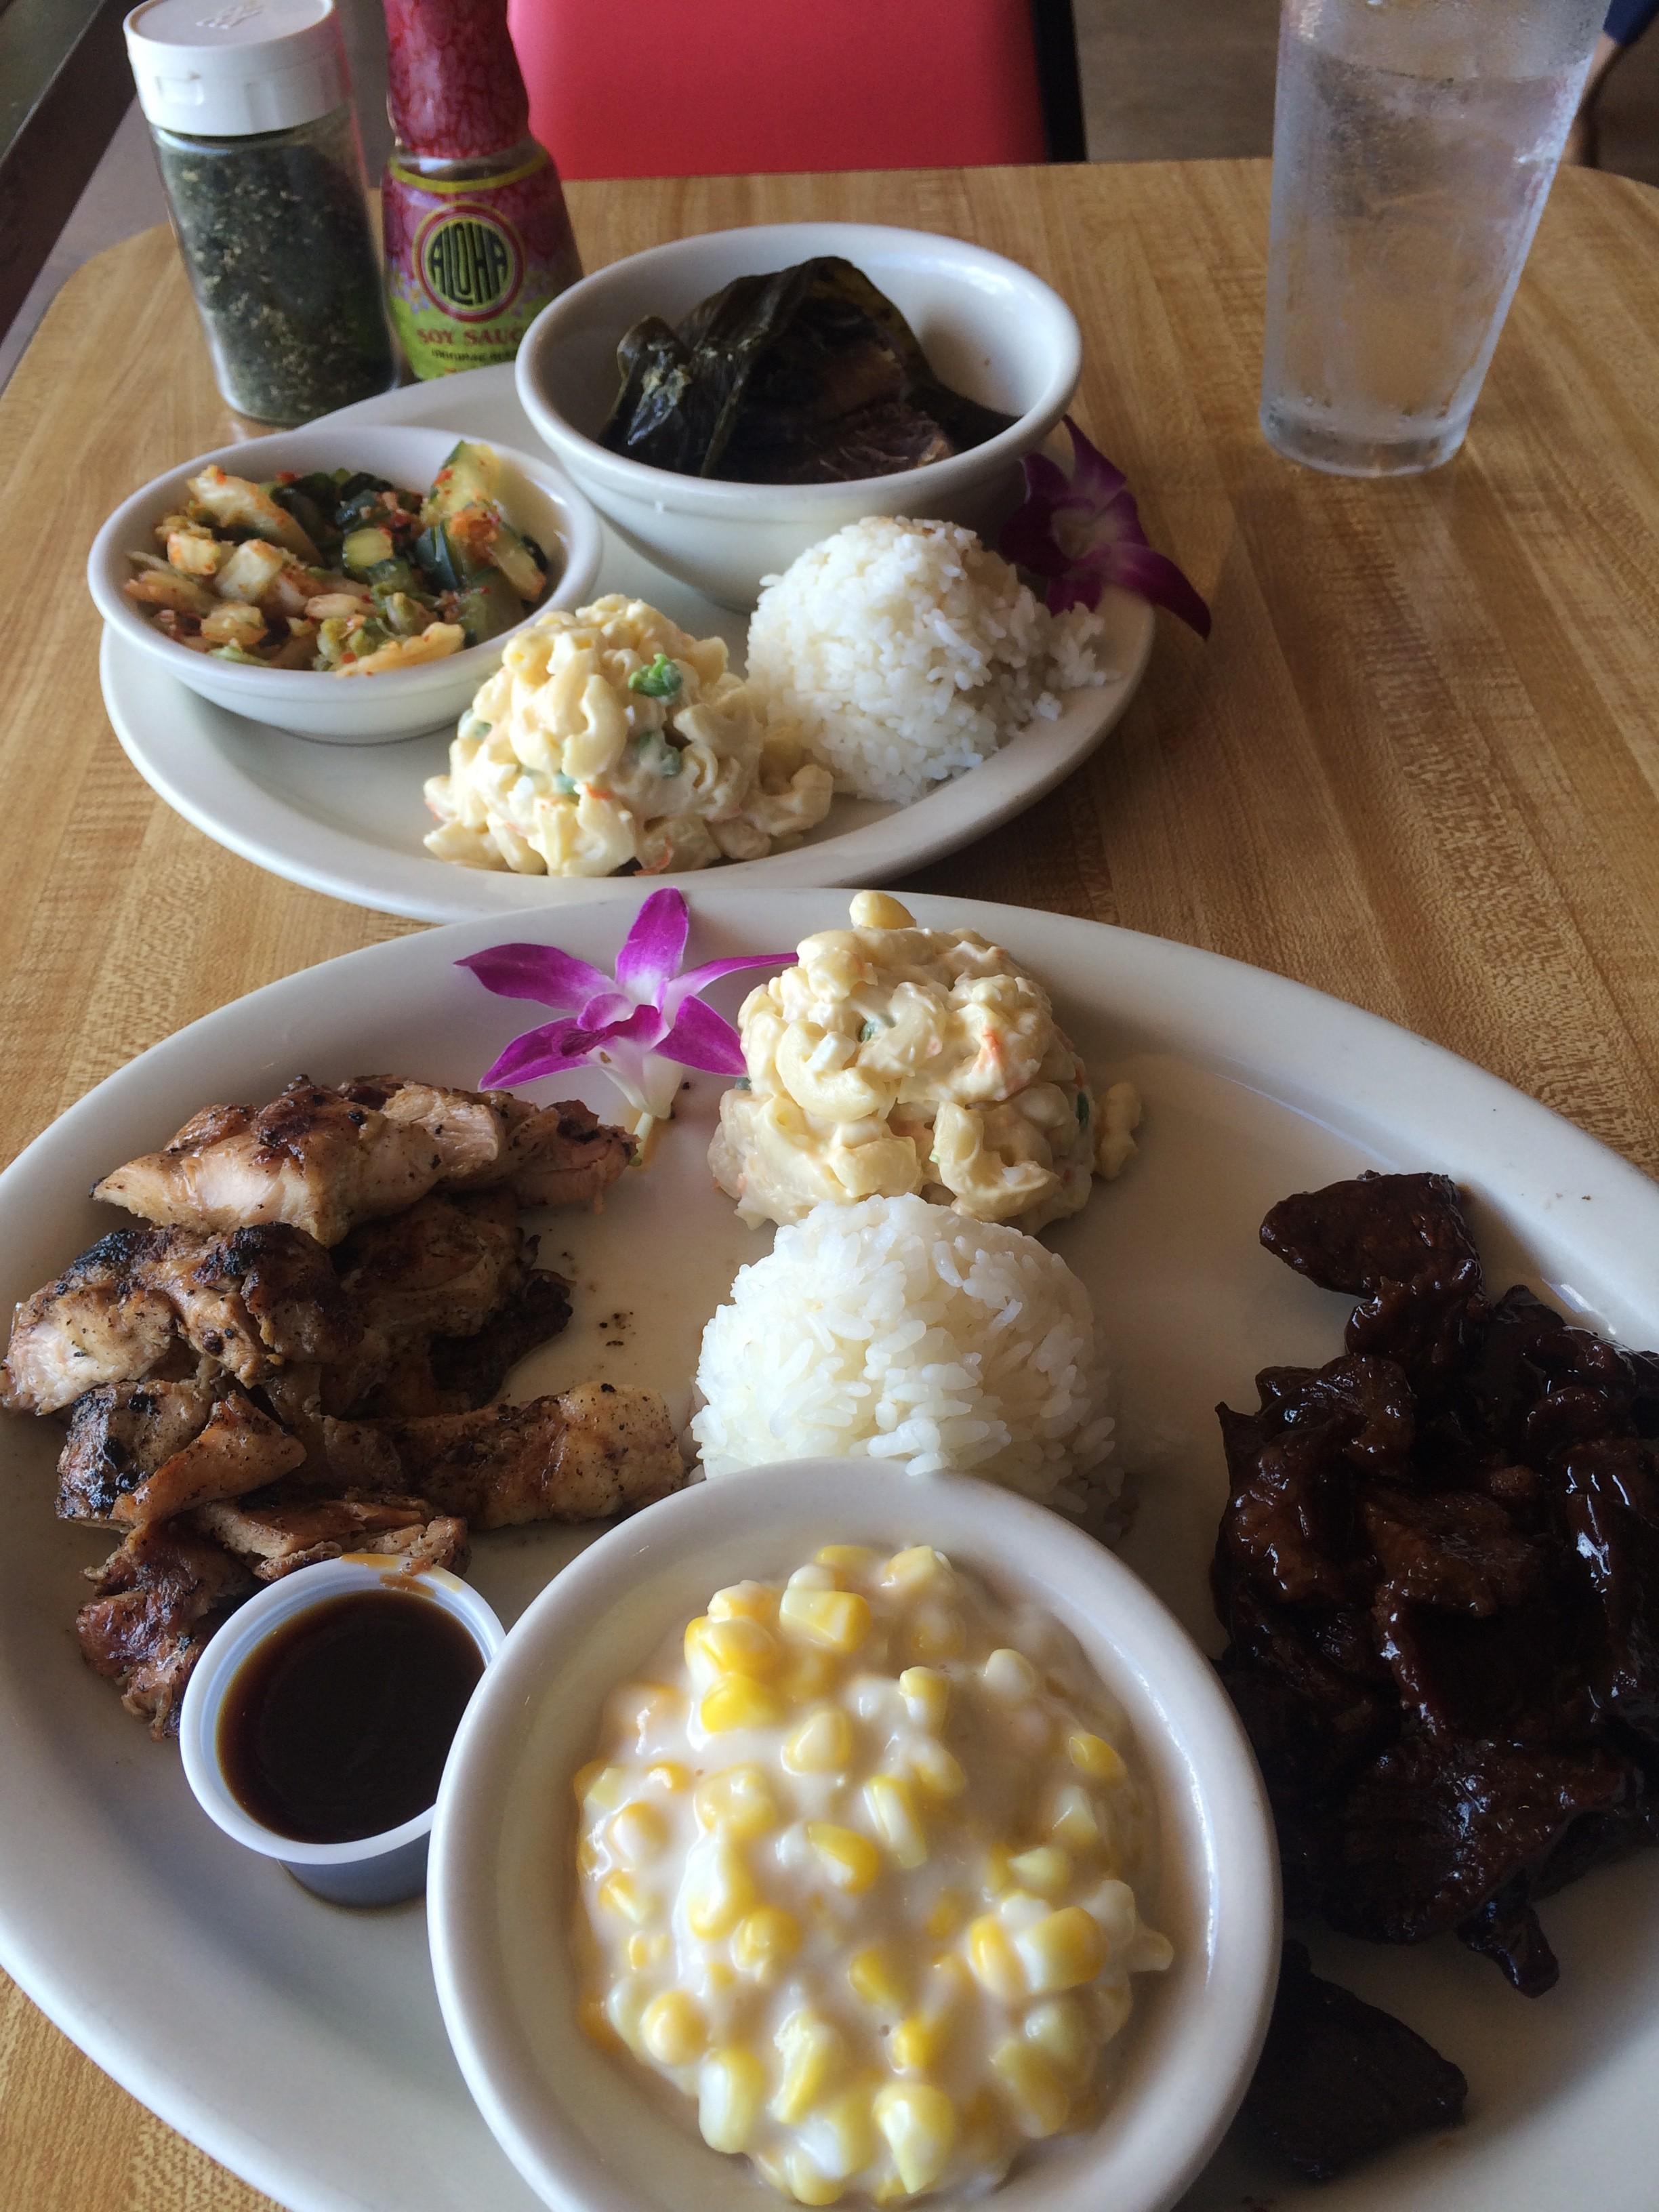 Salivating over Huli Huli Chicken at Aloha Kitchen